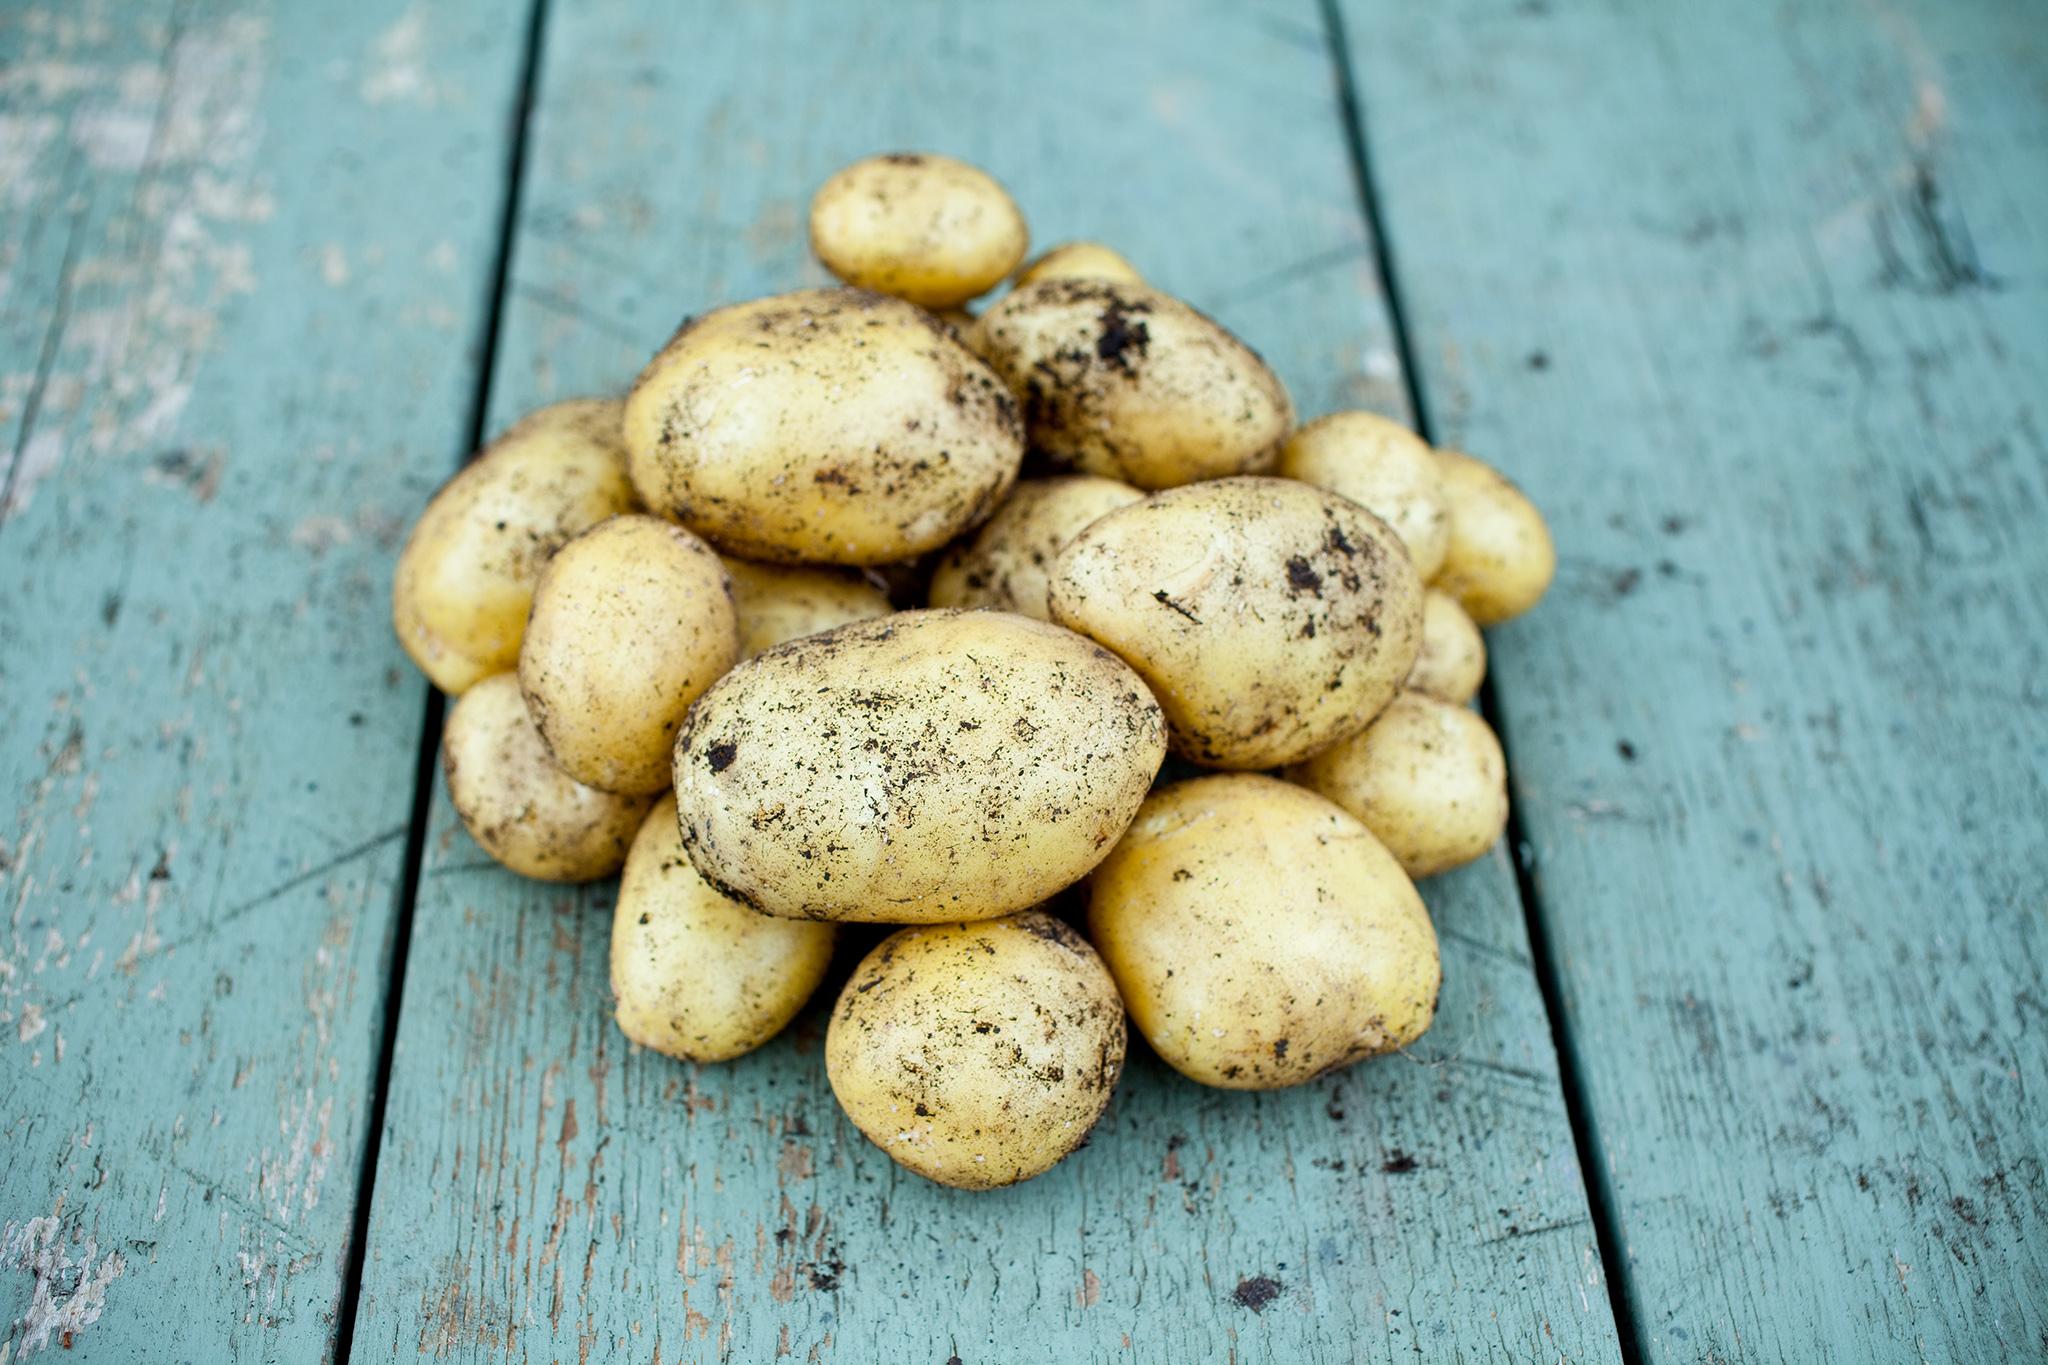 'Orla' potato